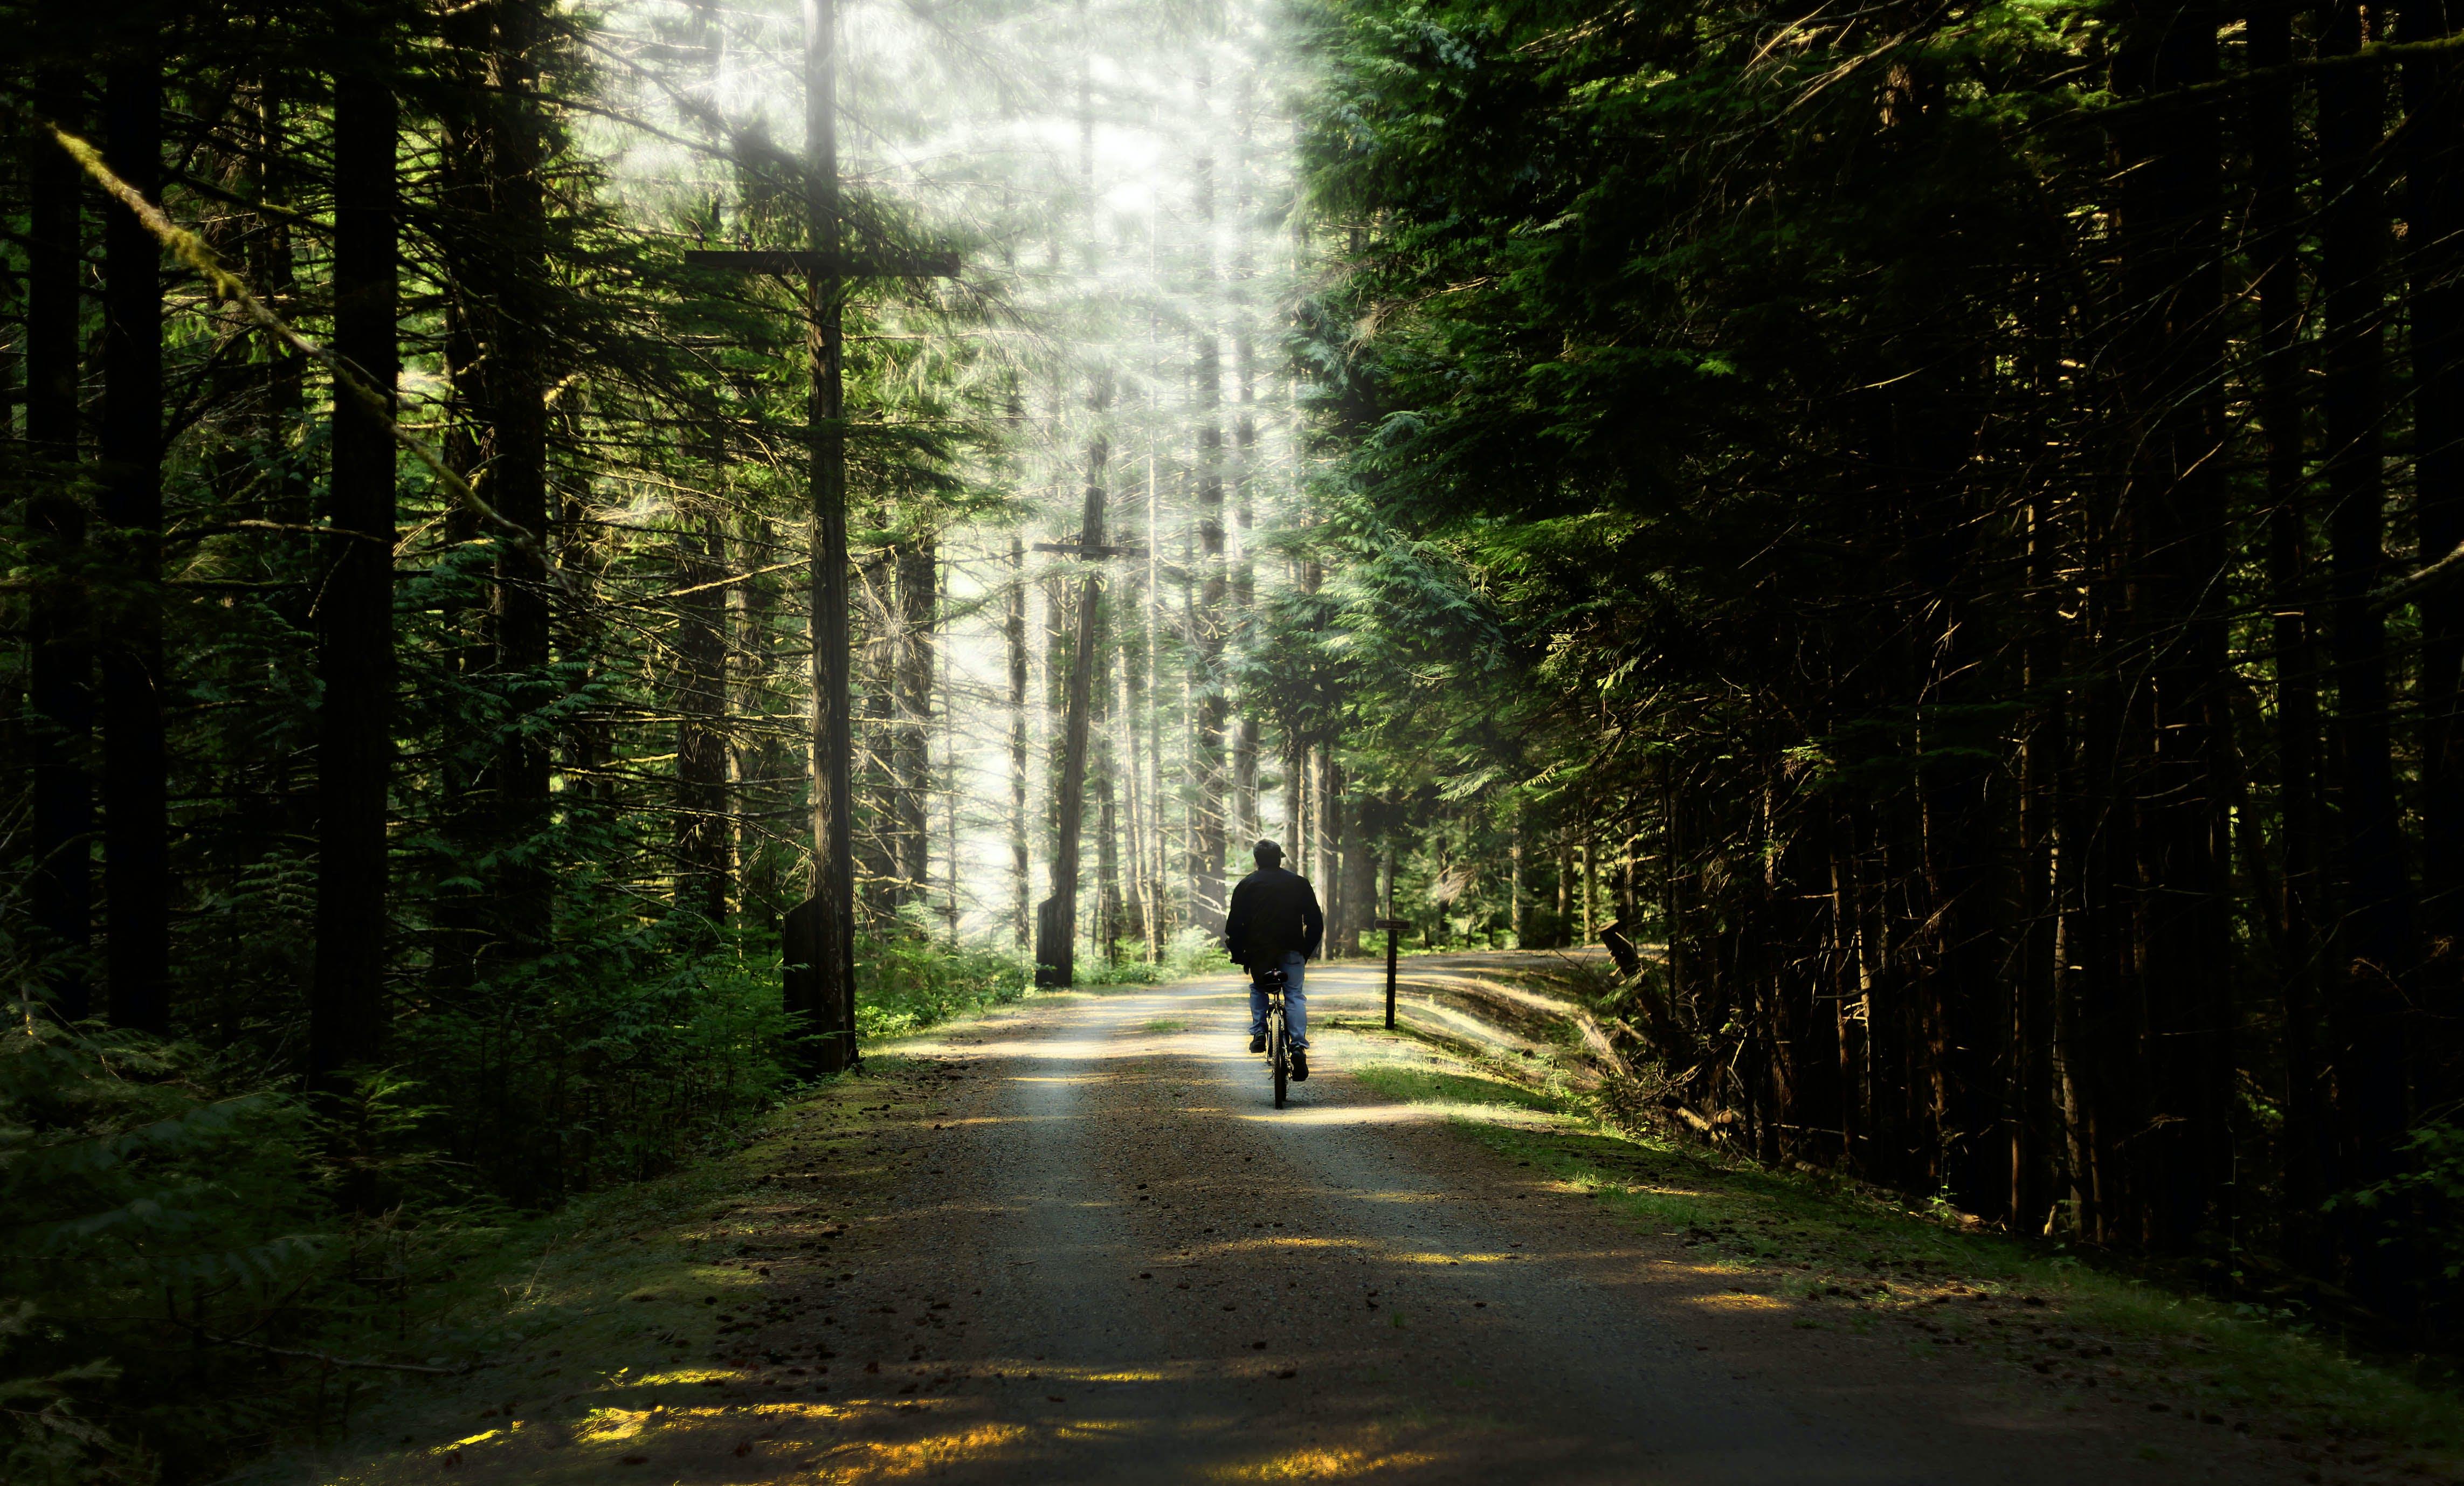 Gratis stockfoto met bomen, Bos, bossen, iemand